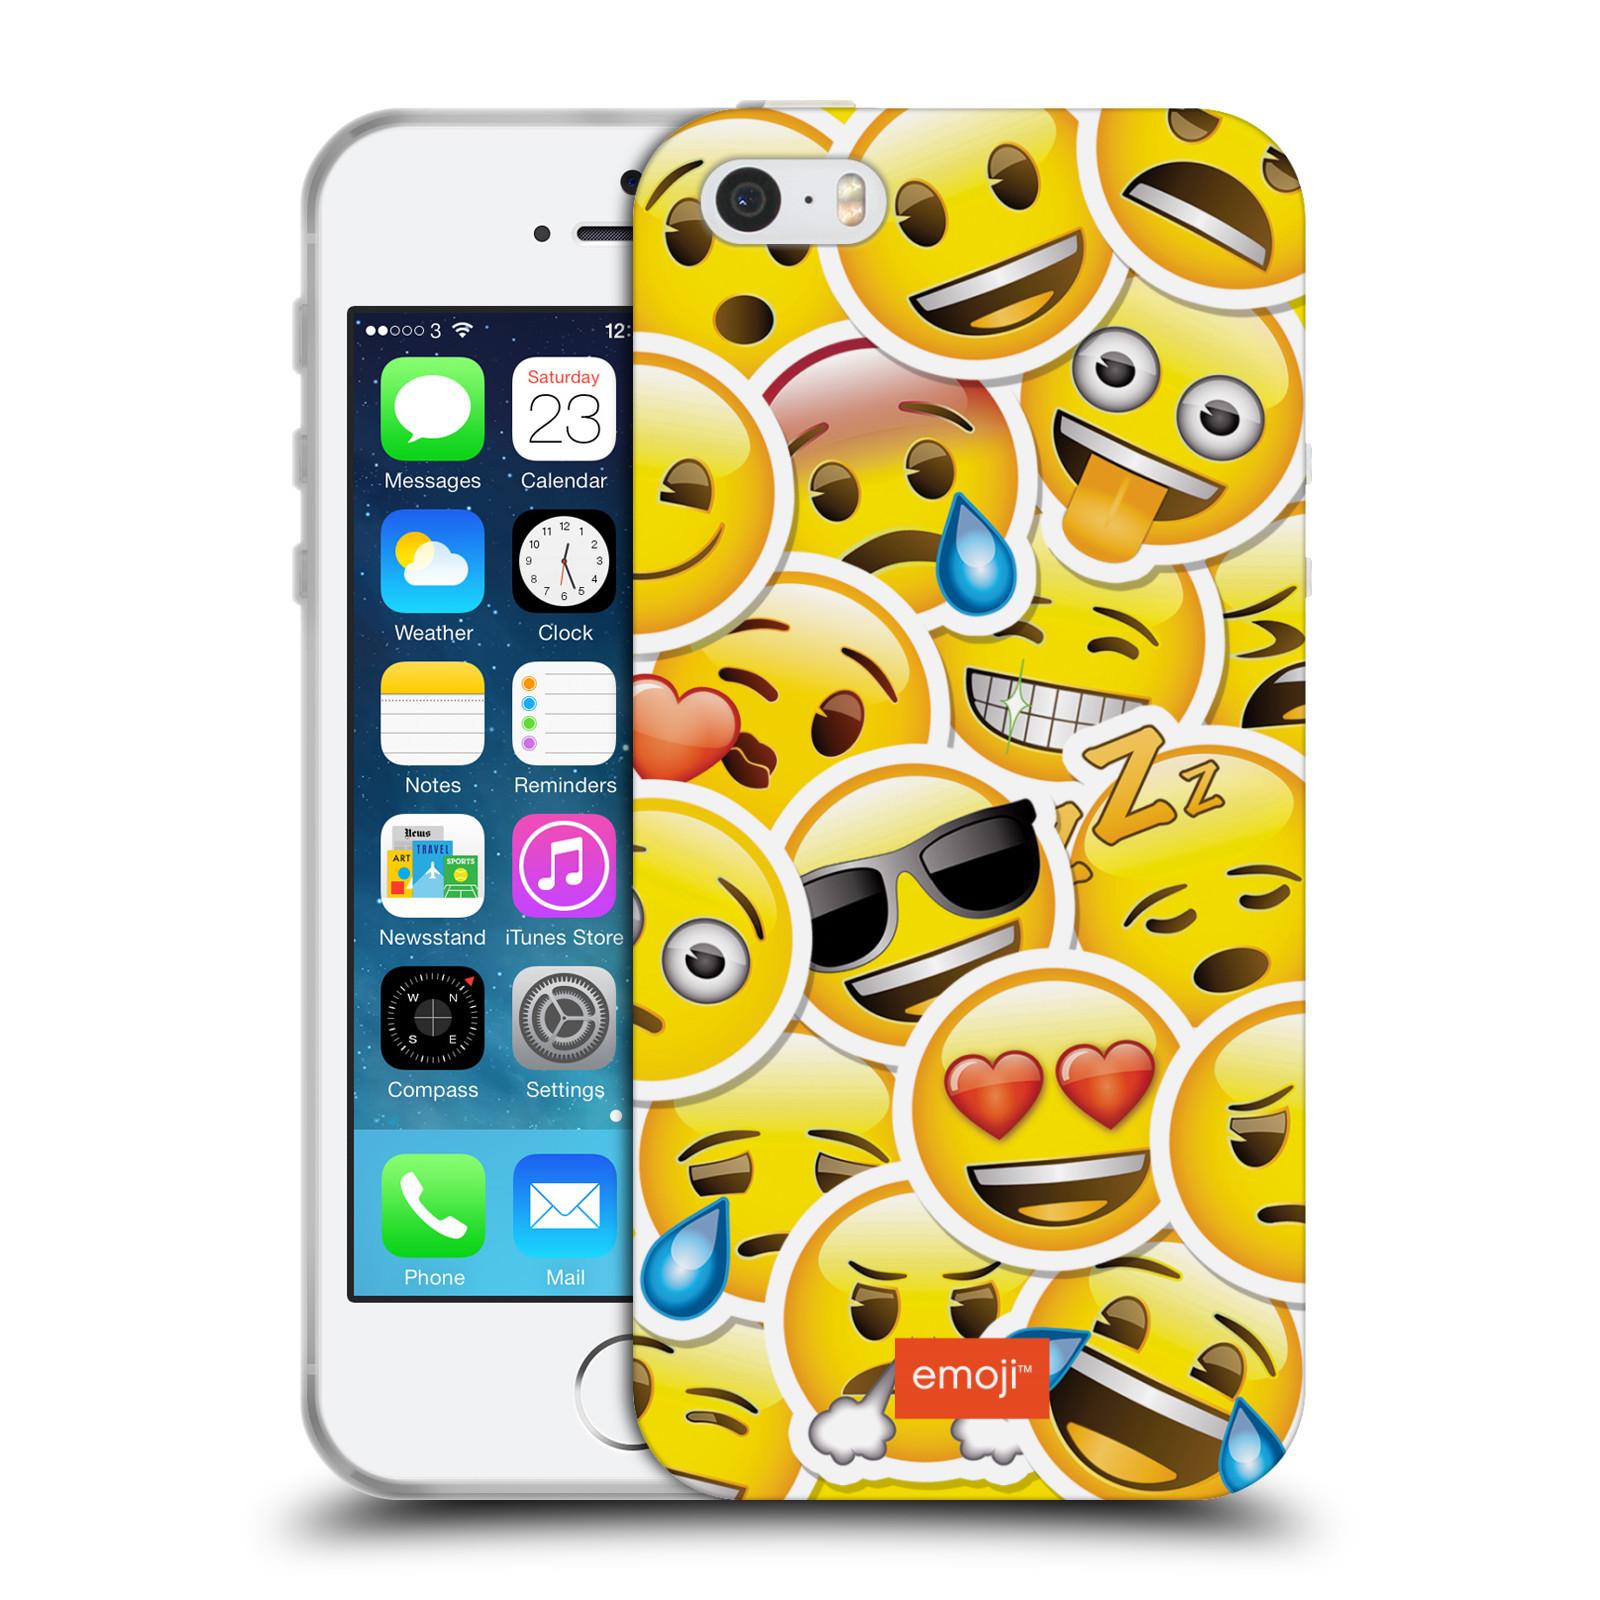 HEAD CASE silikonový obal na mobil Apple Iphone 5 5S smajlík oficiální kryt  EMOJI velcí smajlíci nálepky 9c3ee2a330a